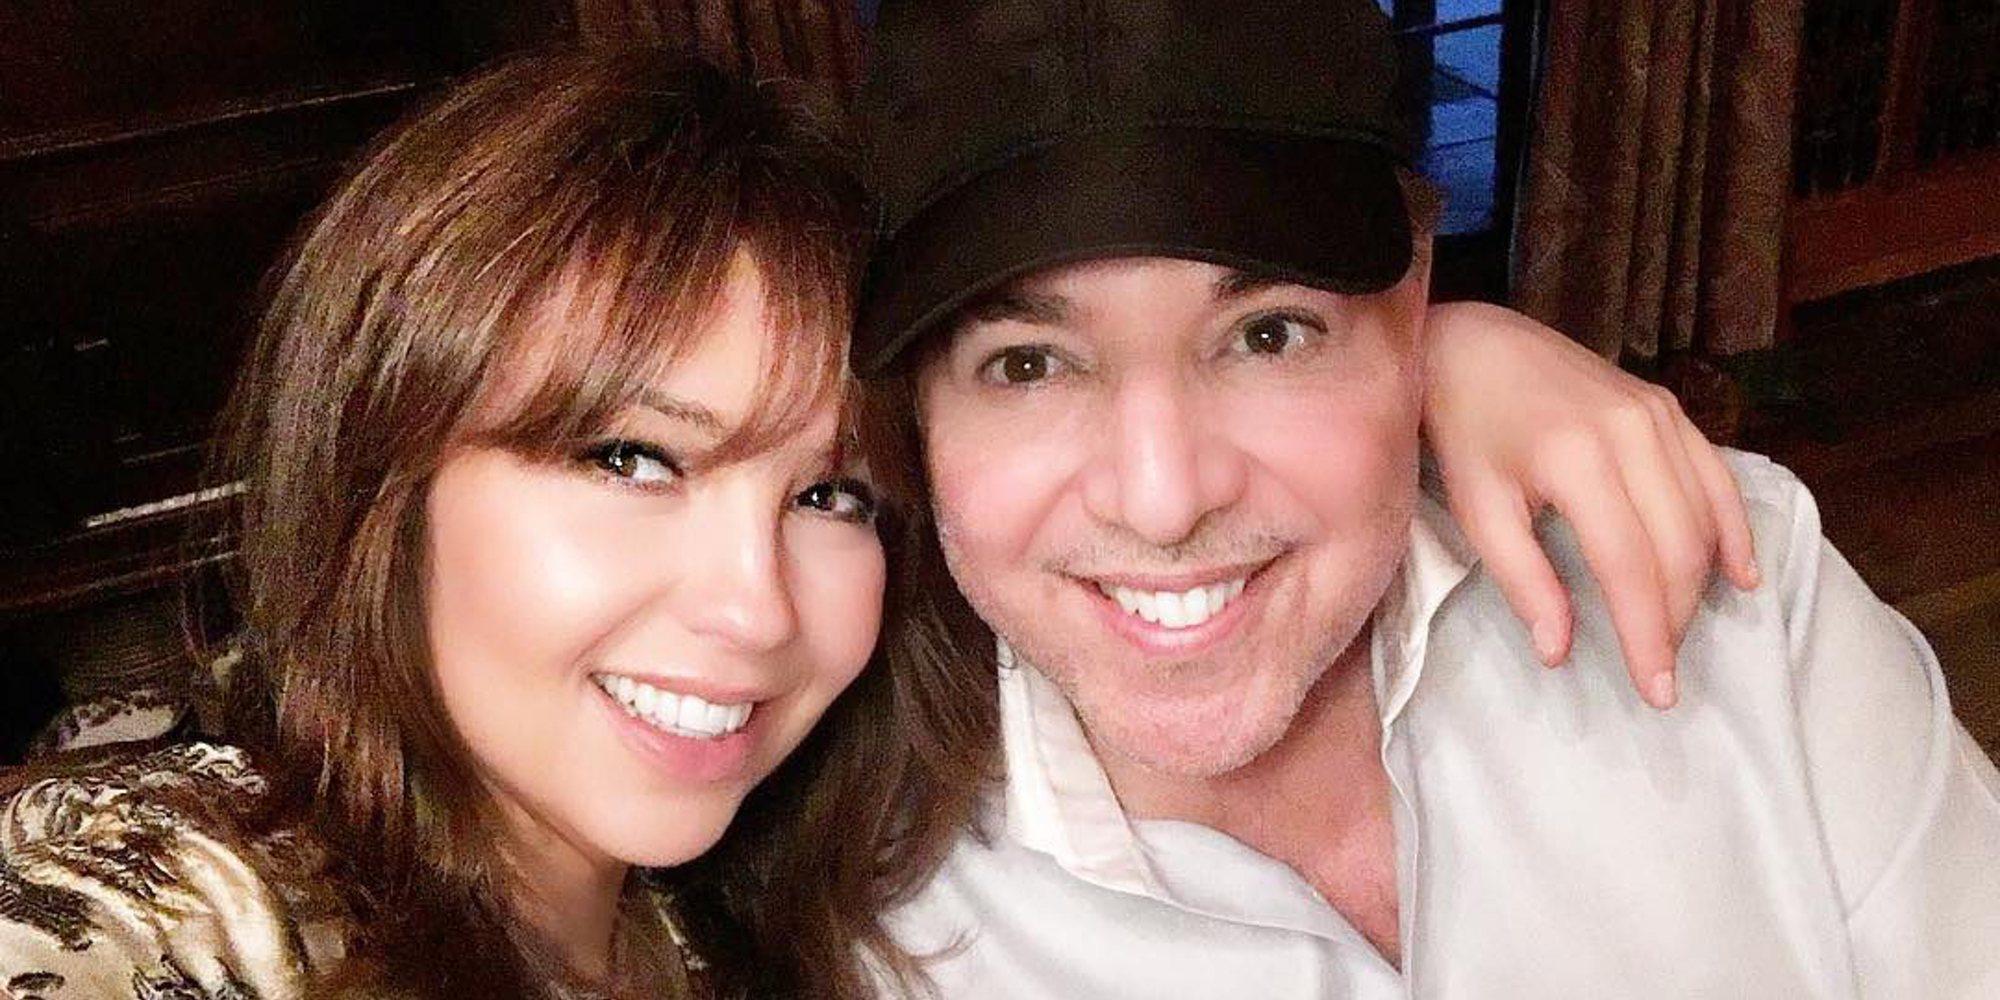 Thalía roba el protagonismo a su marido Tommy Mottola el día que recibía la estrella en el Paseo de la Fama